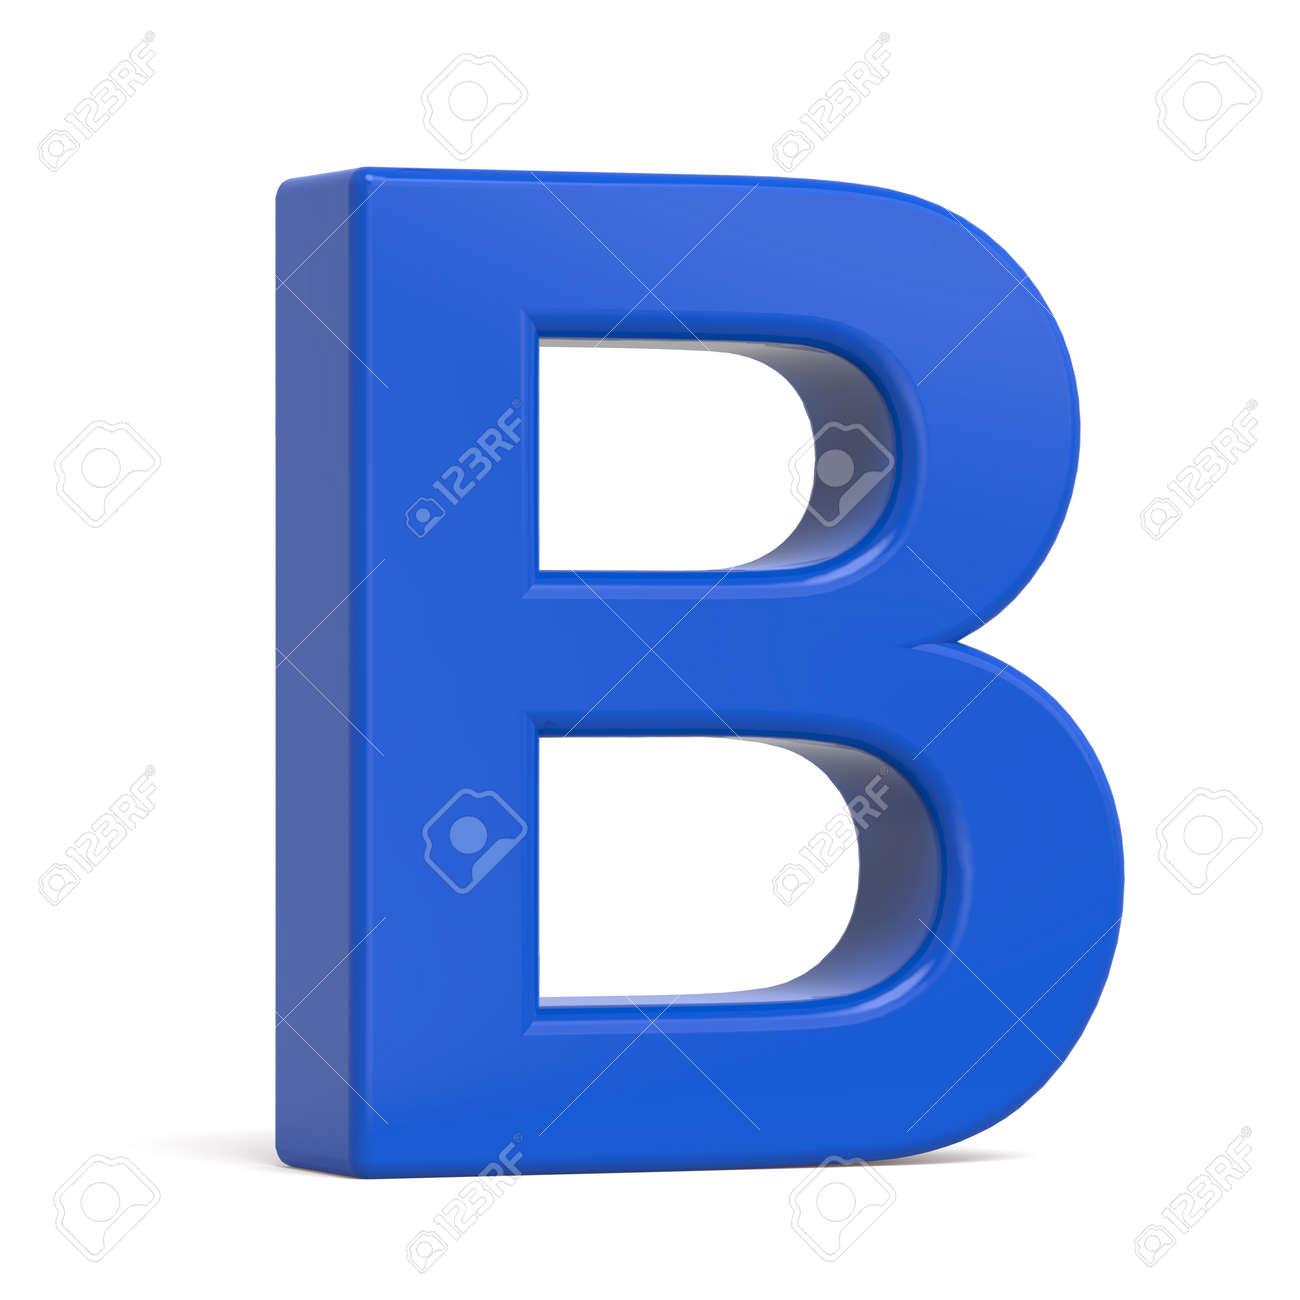 Plastique 3d Bleu Lettre B Isolé Sur Fond Blanc Banque D'Images Et ...